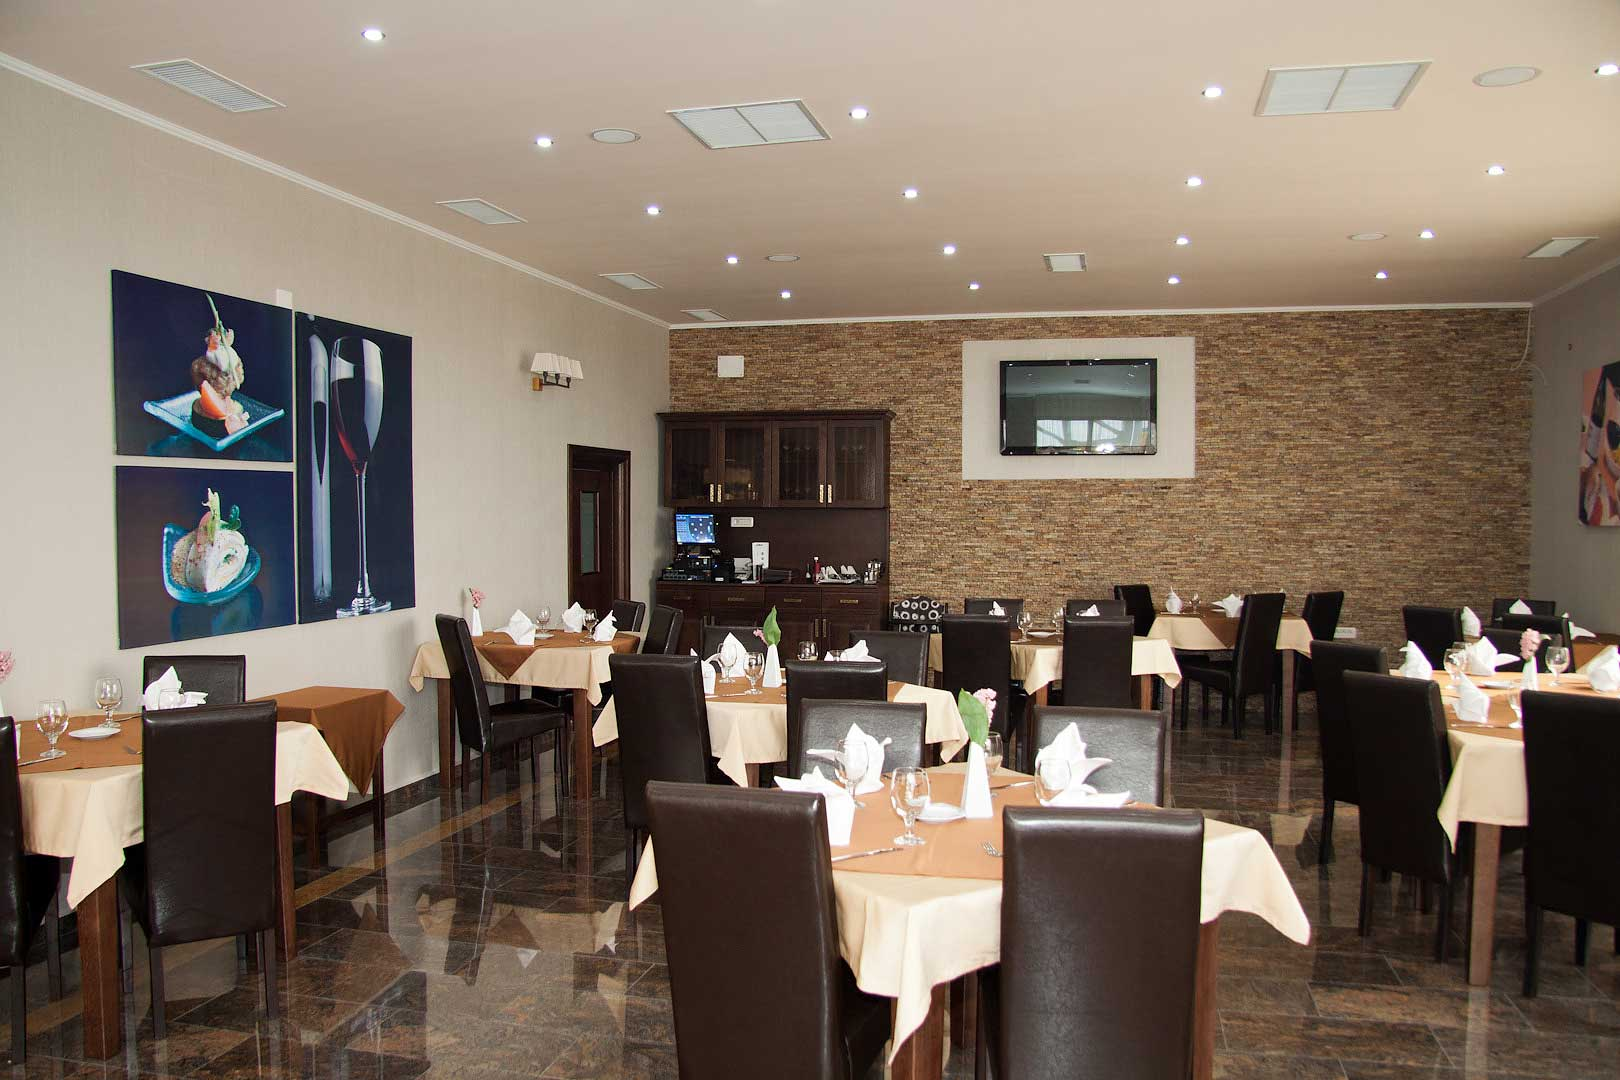 83nko_hotel-han-restaurant-2.jpg